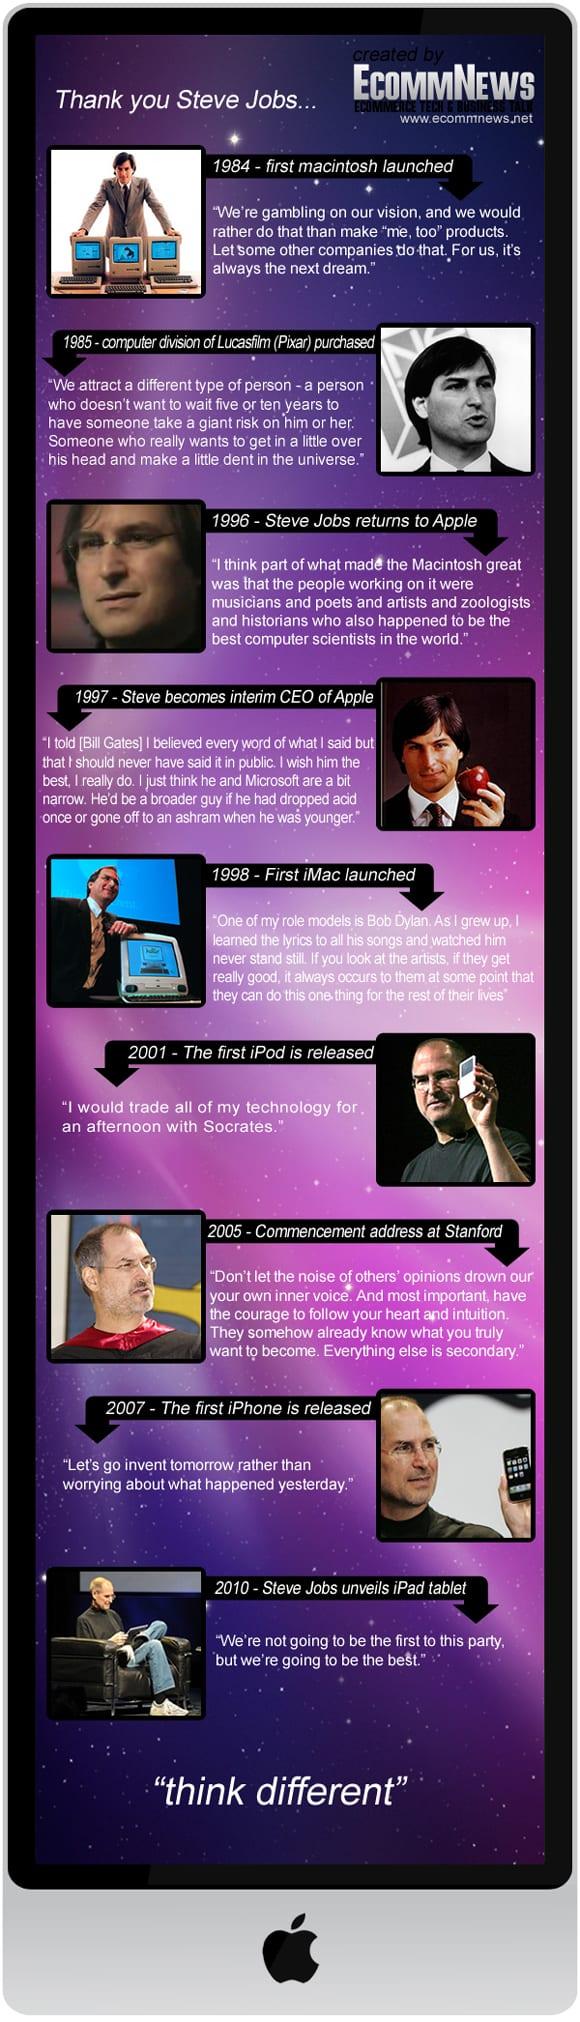 16 steve jobs infographic 18 Stunning Steve Jobs Infographics